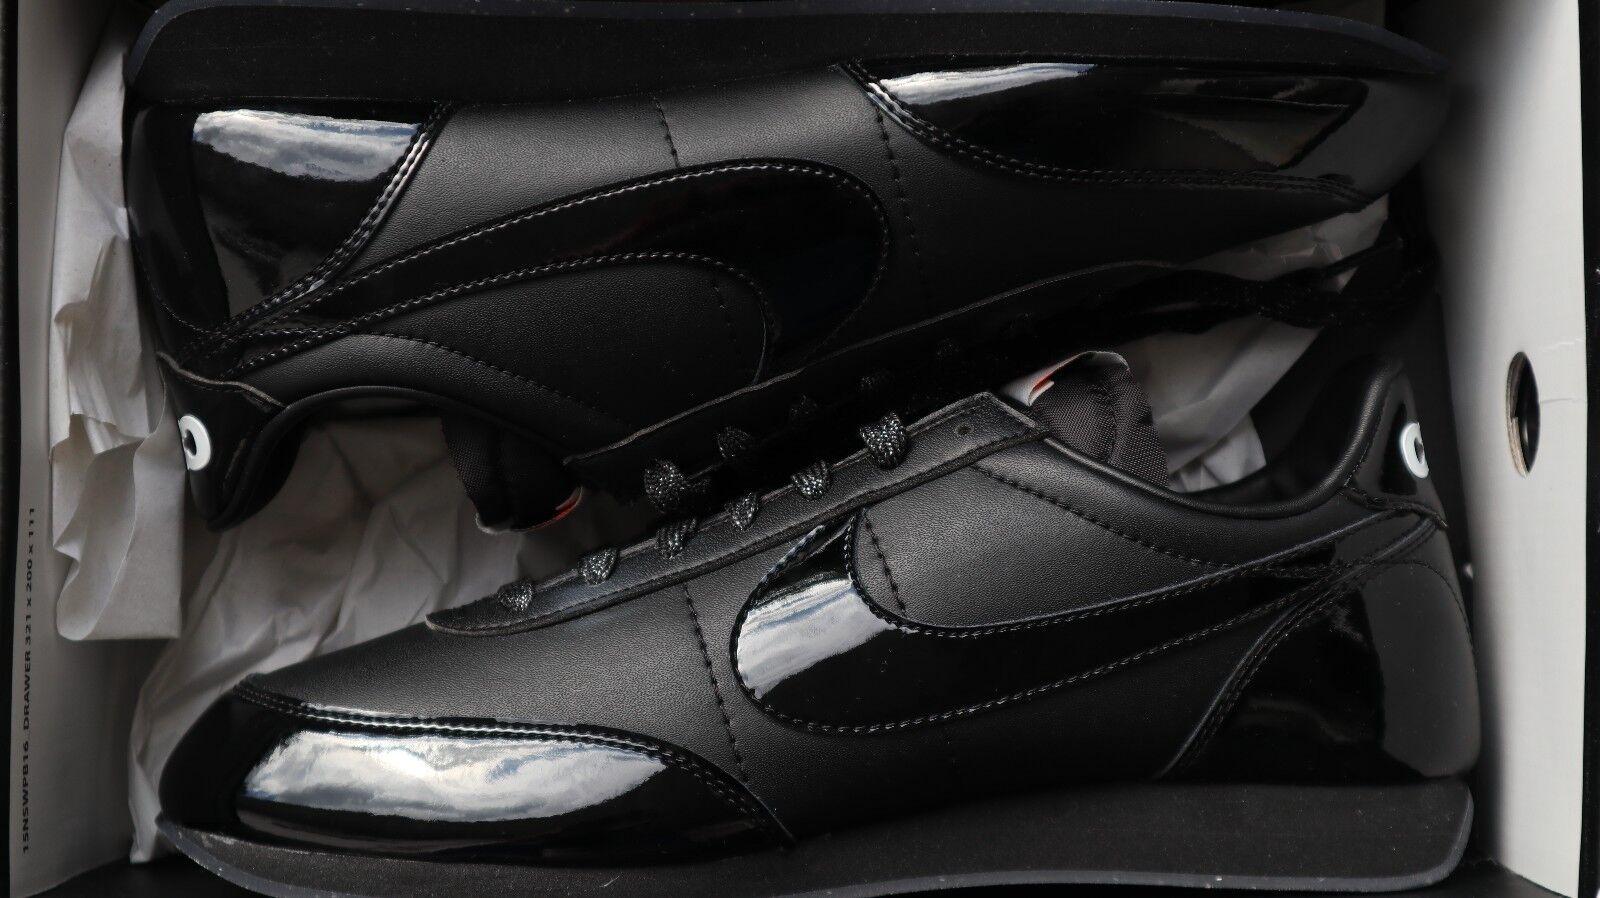 Nike nighttrack/CDG Nuevo 8.5 Reino Unido 43 EE. UU. totalmente Nuevo nighttrack/CDG Negro/Negro-Blanco 471a57